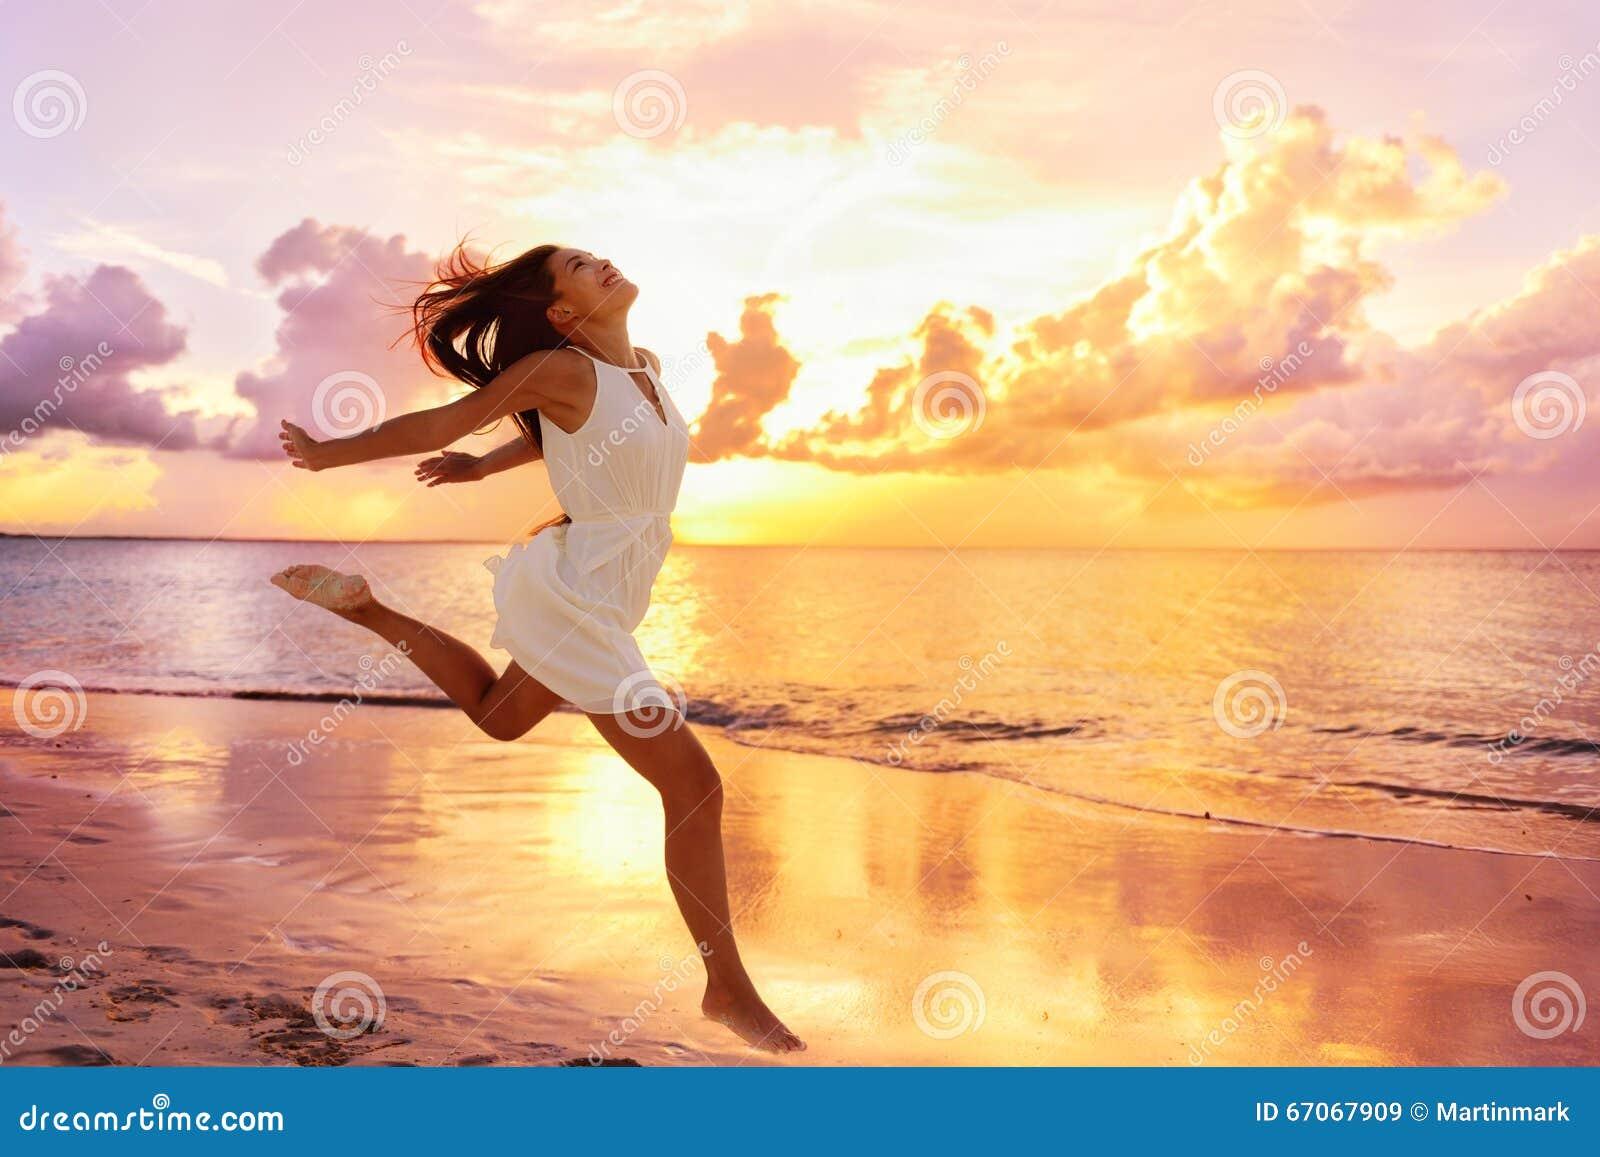 Concepto de la felicidad de la salud de la libertad - mujer feliz